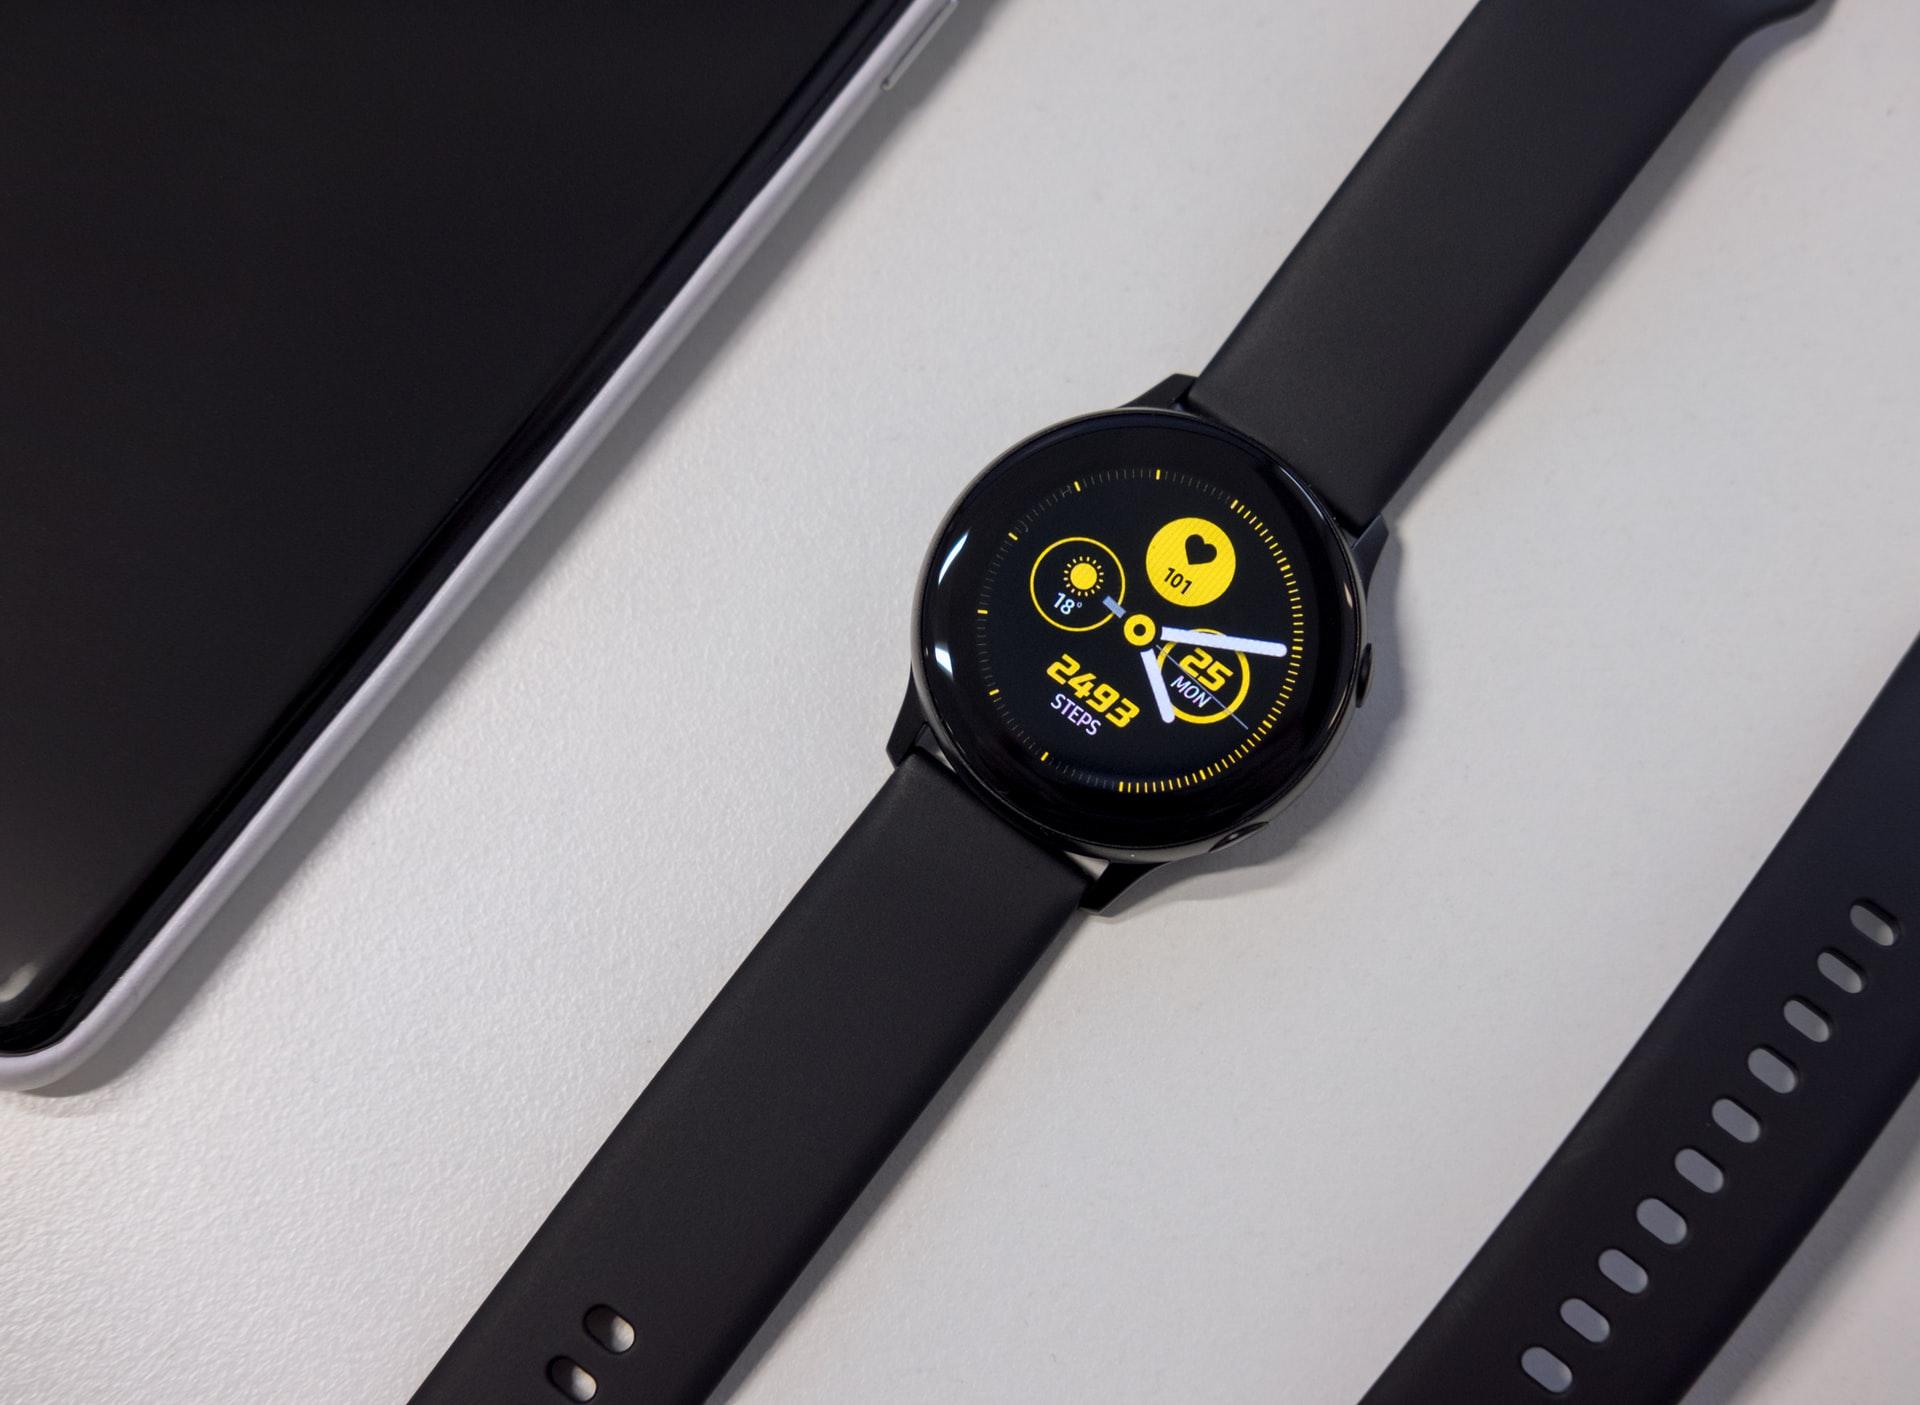 В России начали следить за работой сотрудников при помощи умных часов Samsung